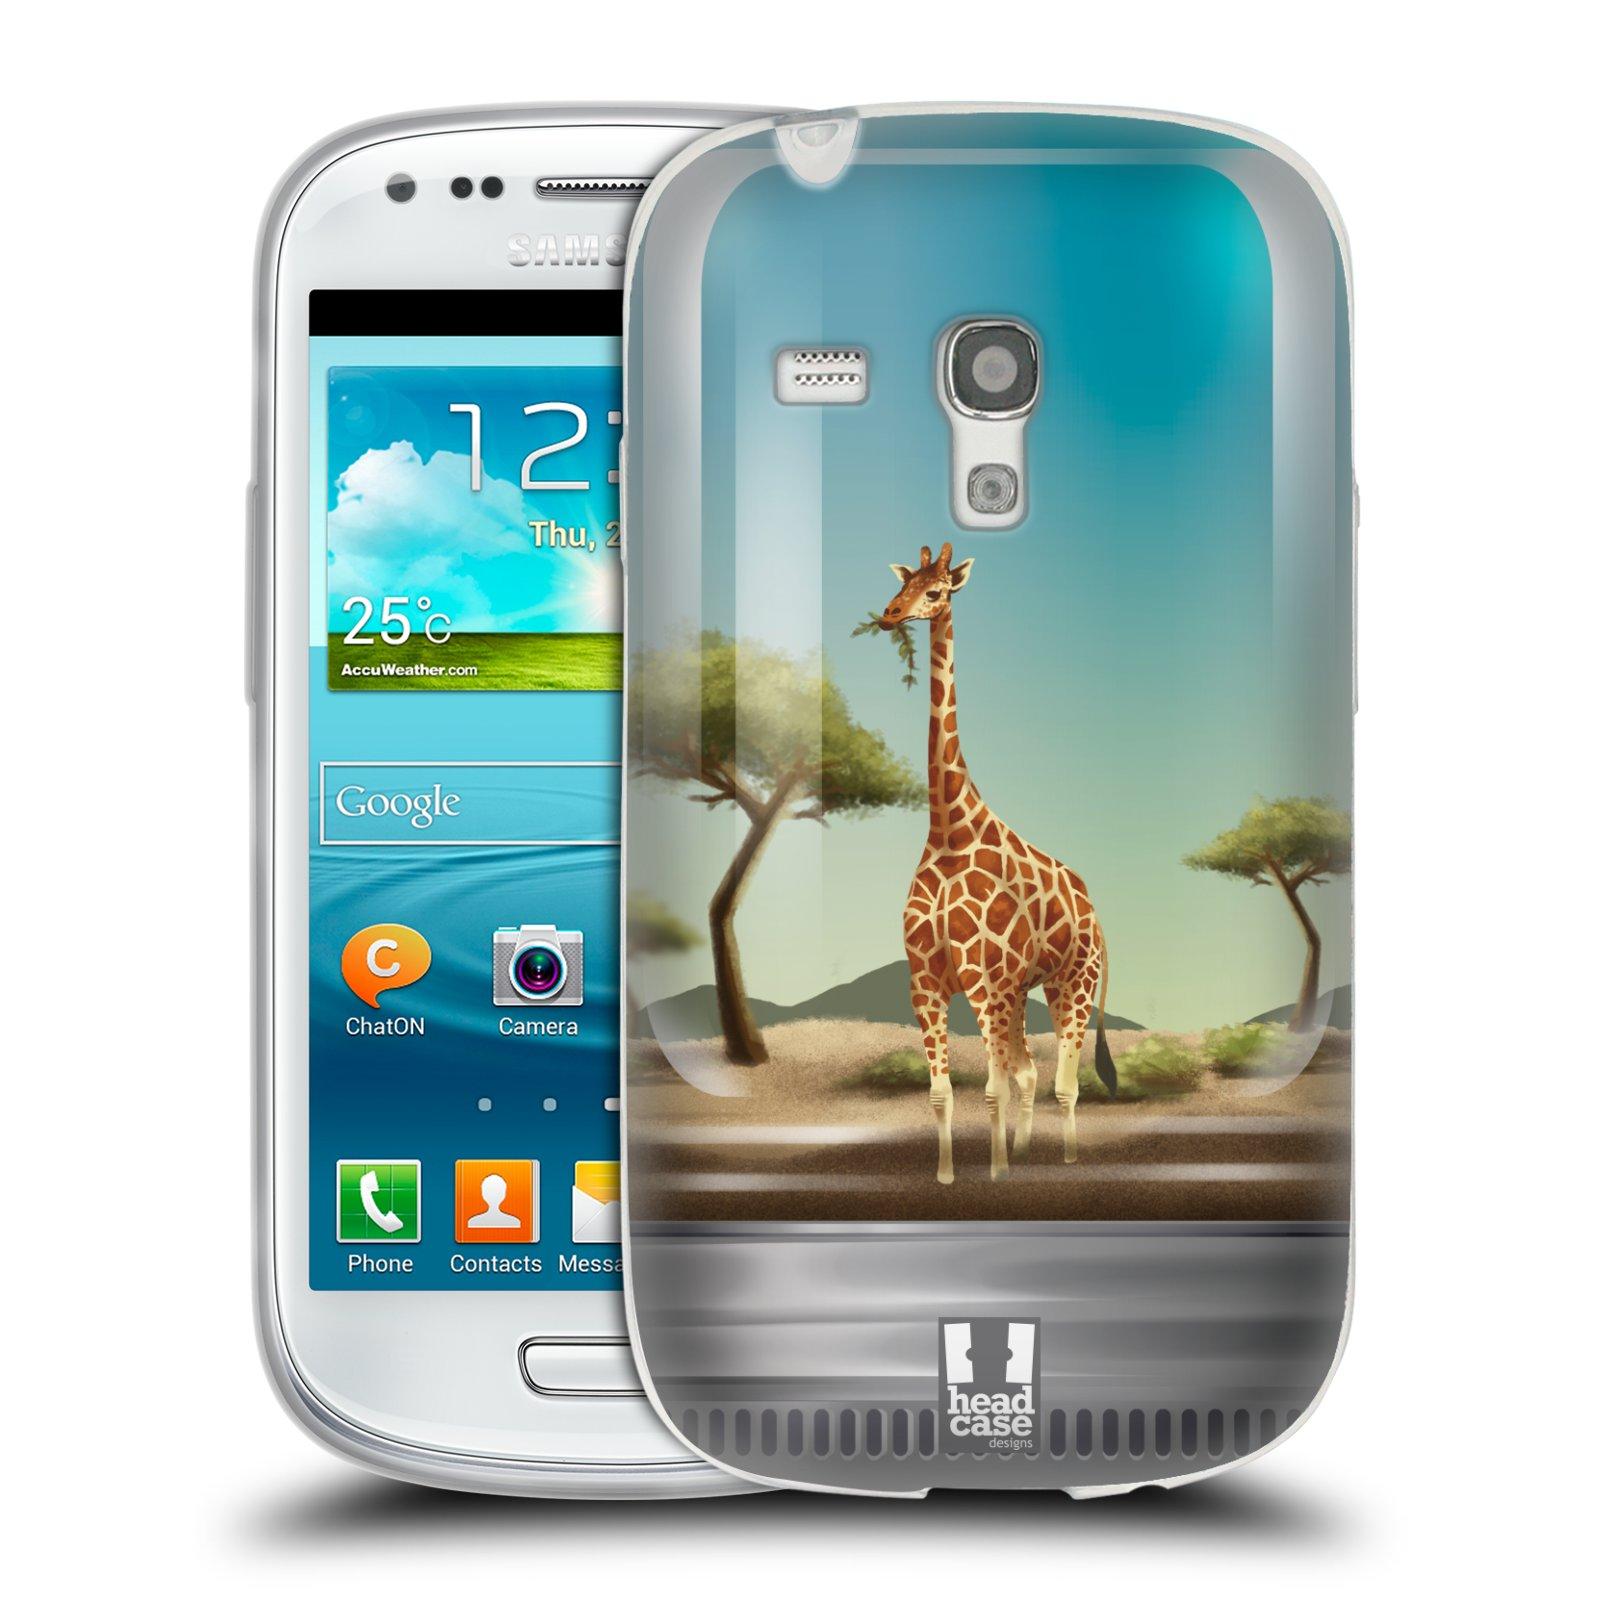 HEAD CASE silikonový obal na mobil Samsung Galaxy S3 MINI i8190 vzor Zvířátka v těžítku žirafa